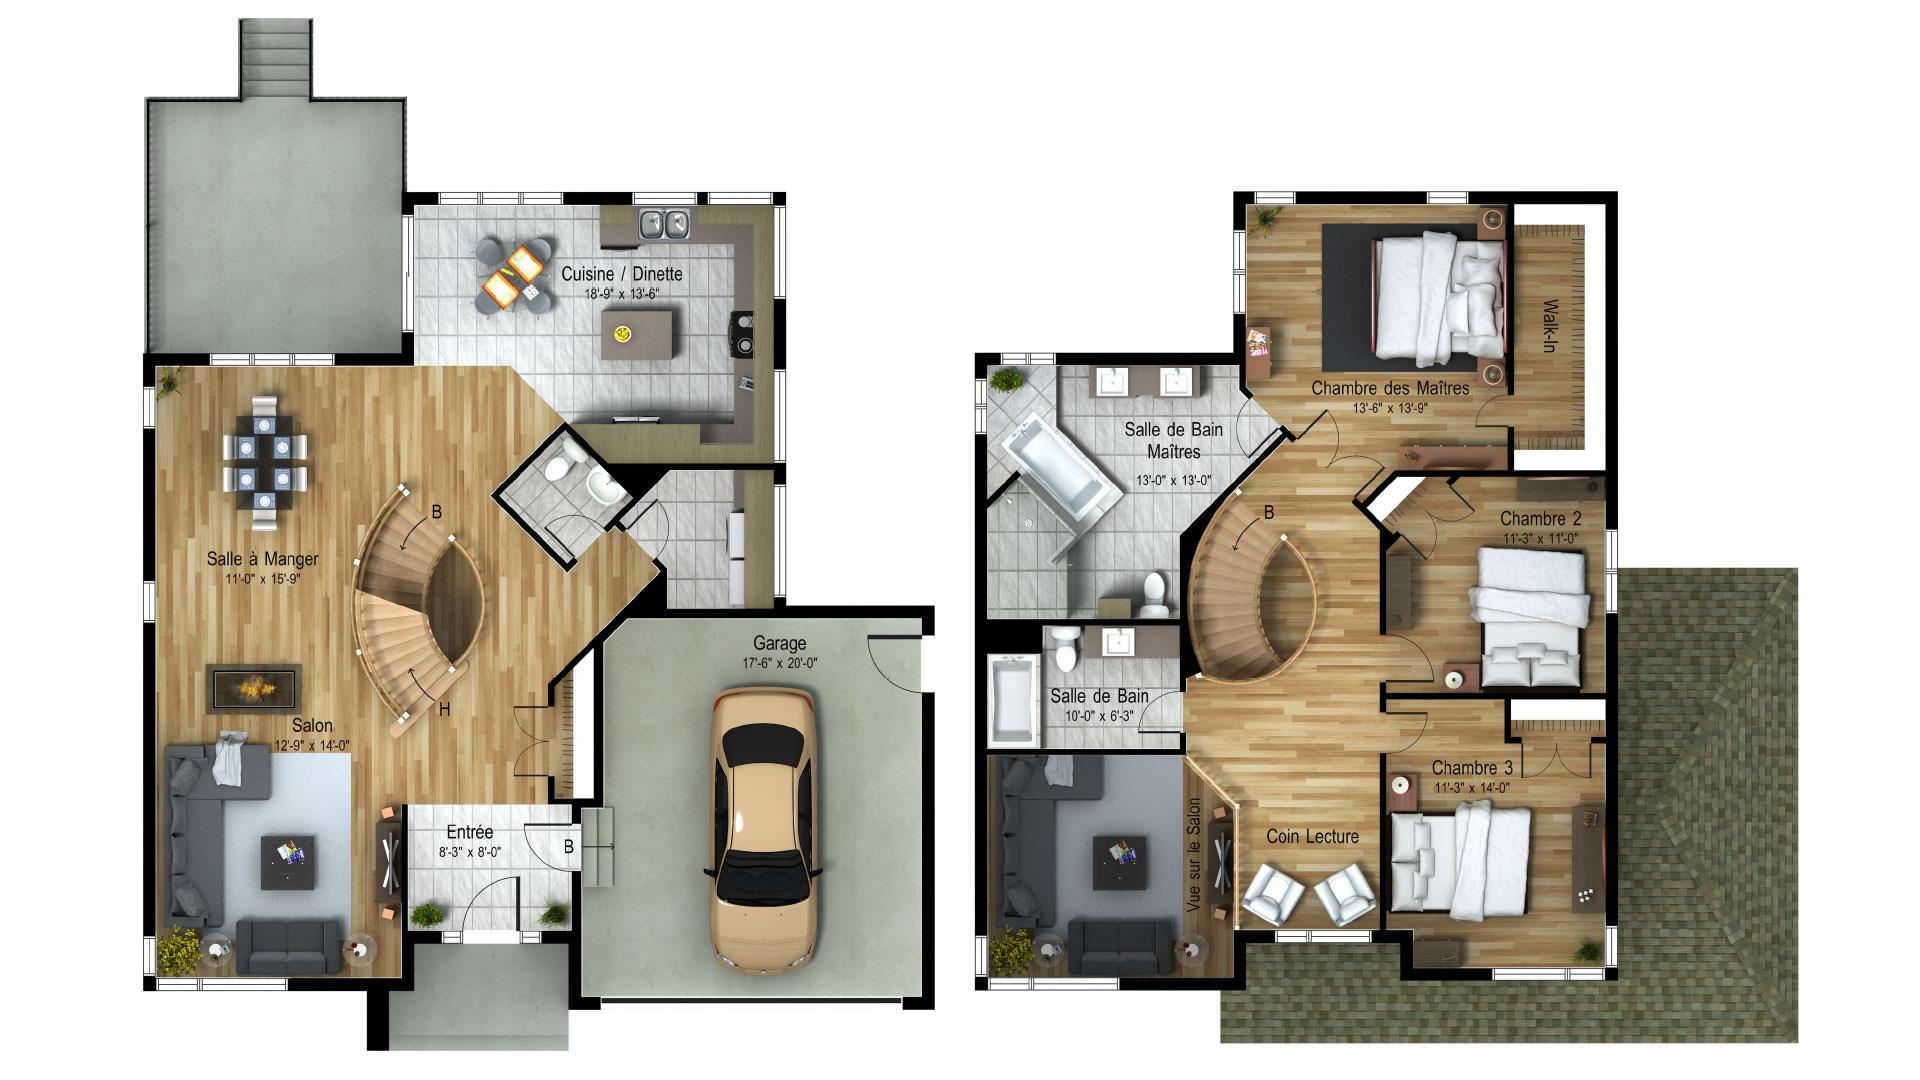 Cottage_Contemporain_Athena_Plan maison de prestige_Domicil